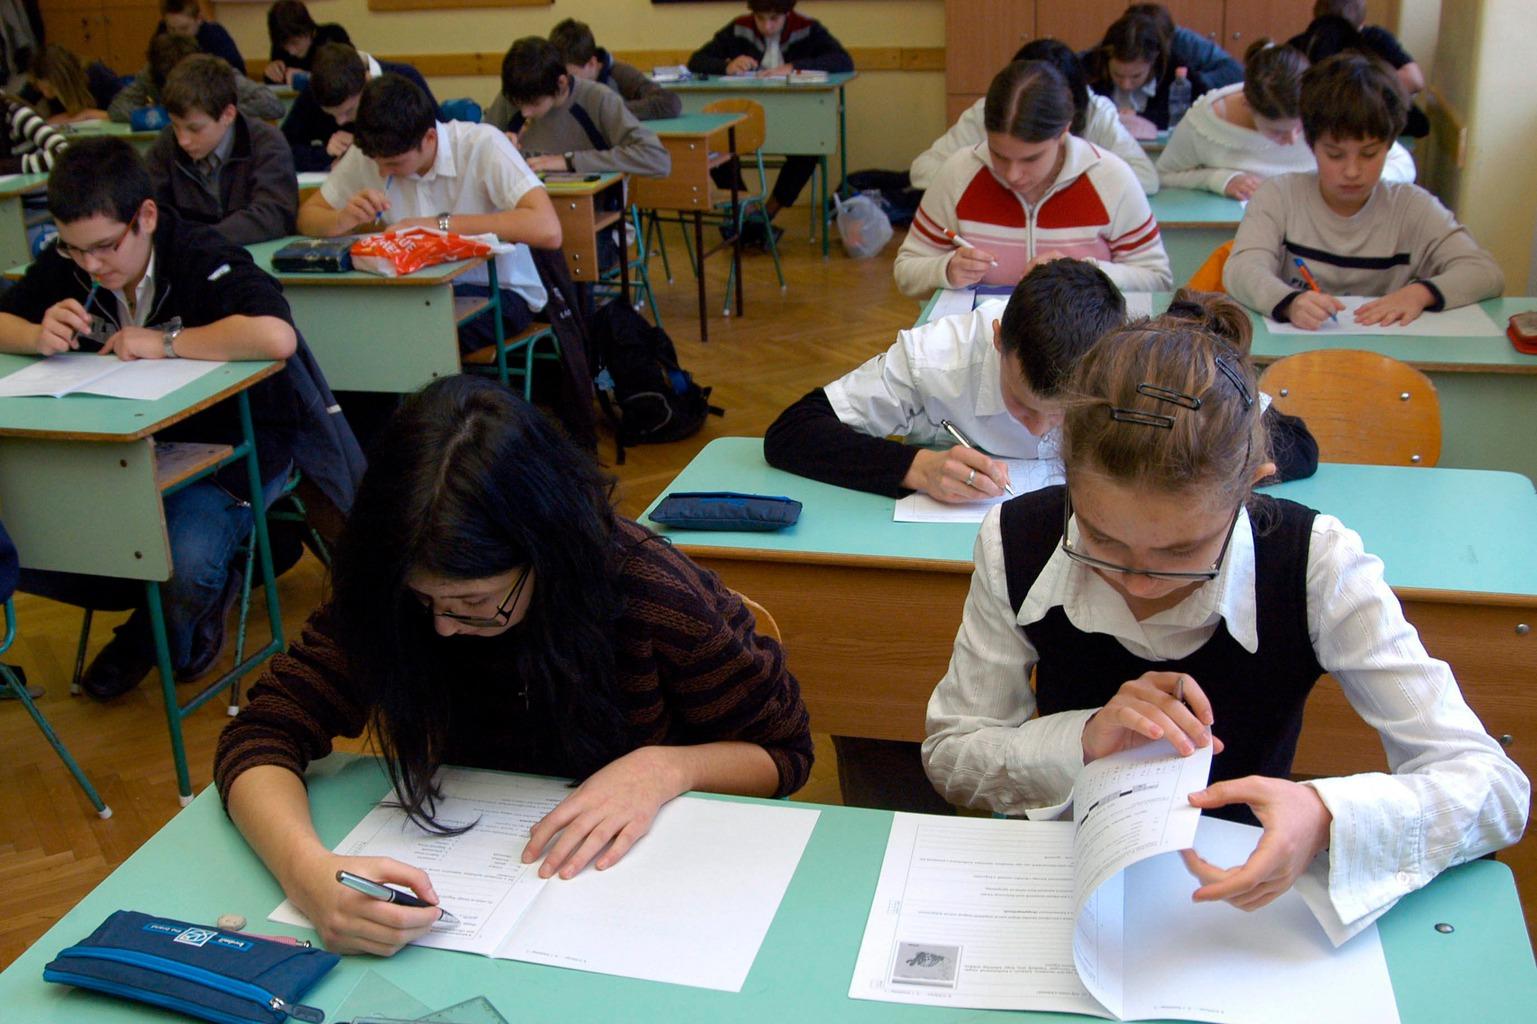 Budapest, 2008. január 26. A középiskolai felvételi tesztlapokat töltik ki a felvételiző diákok a Szent Margit Gimnáziumban. MTI Fotó: Honéczy Barnabás